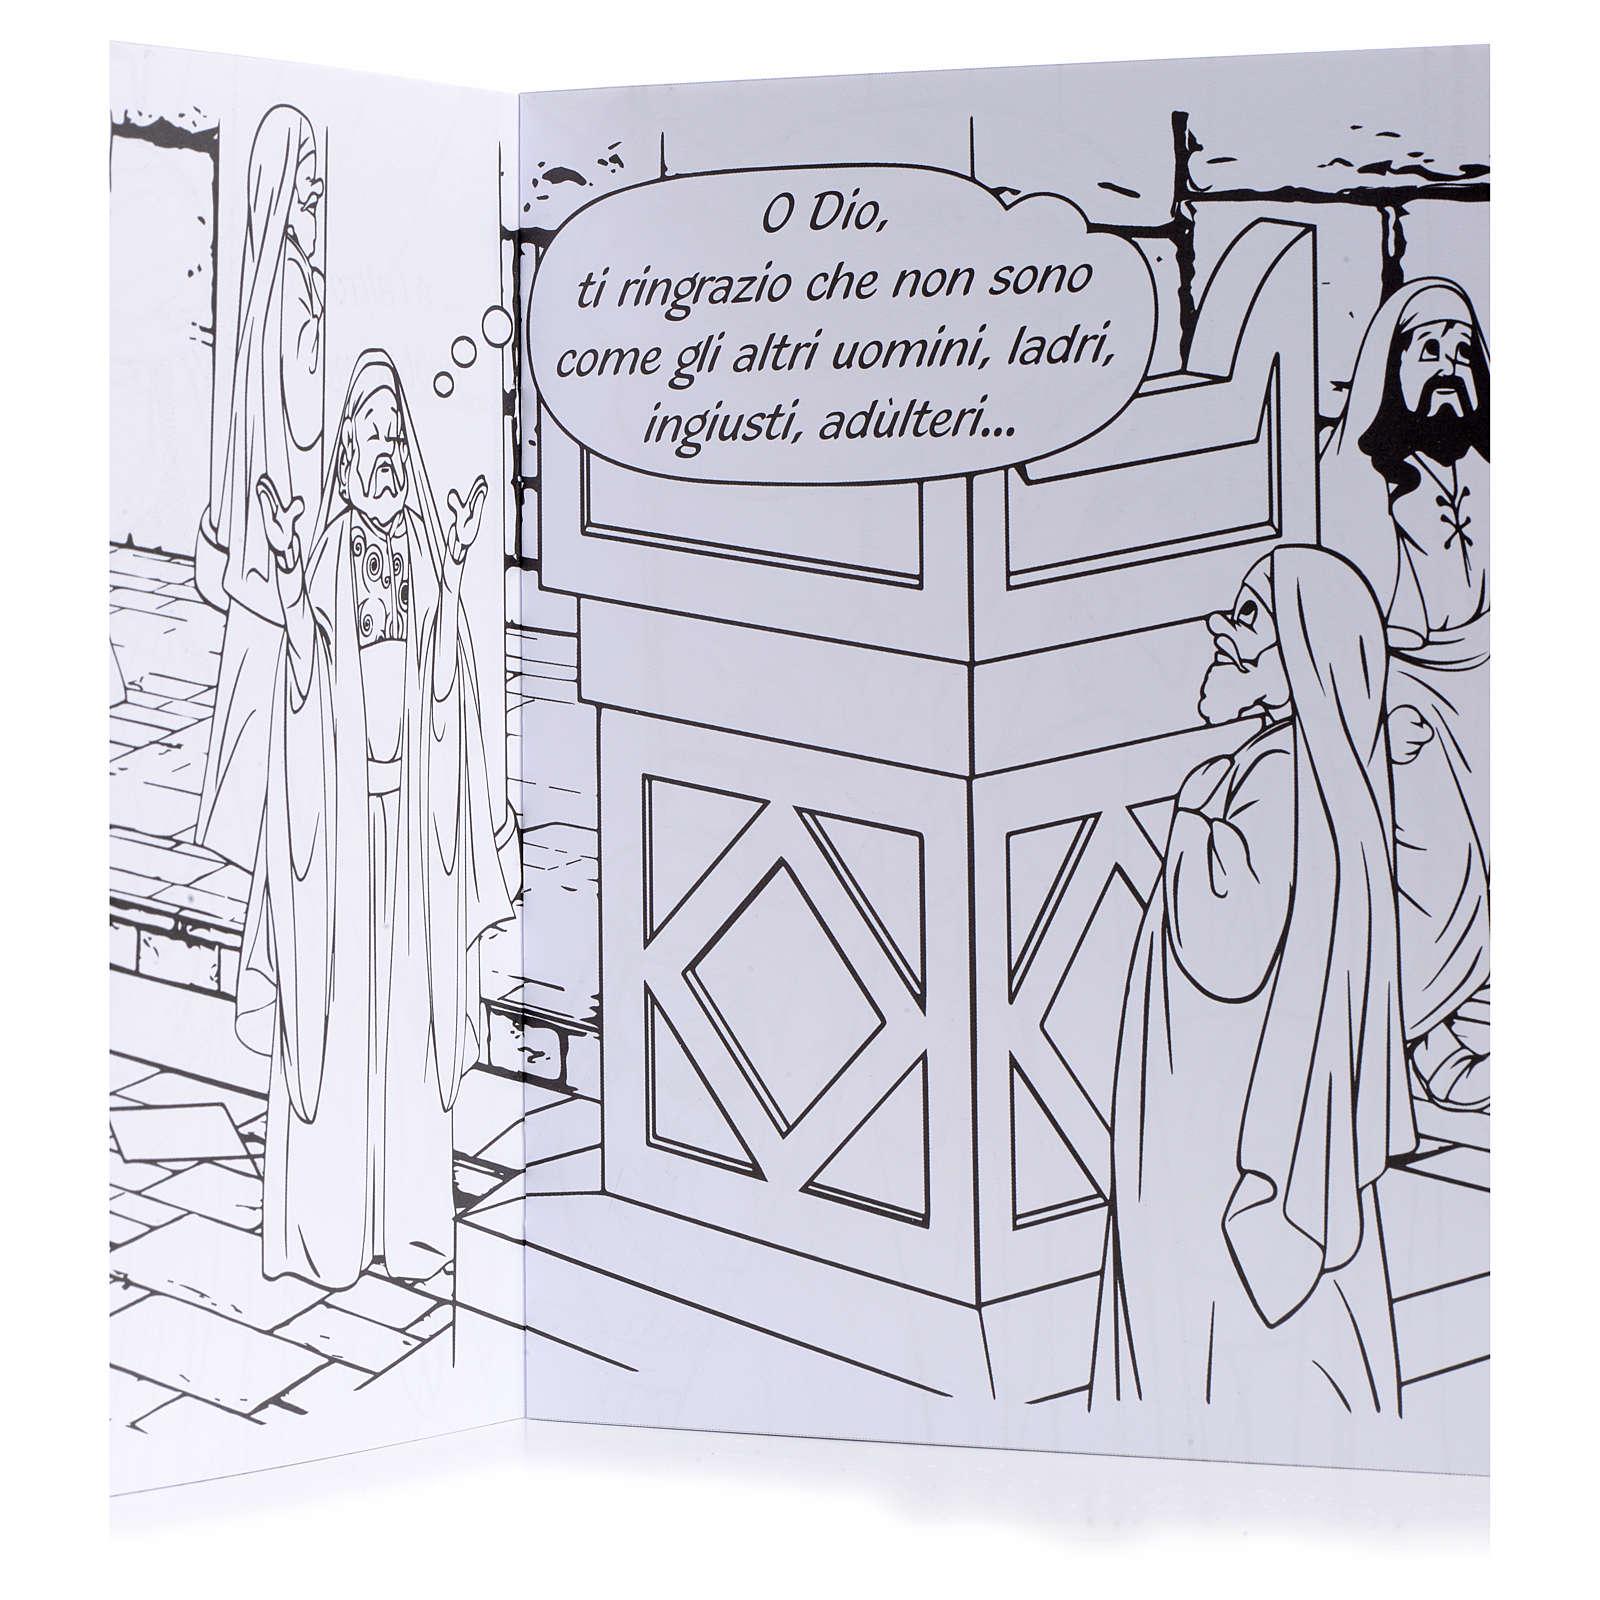 Colora la parabola del fariseo e del pubblicano 4